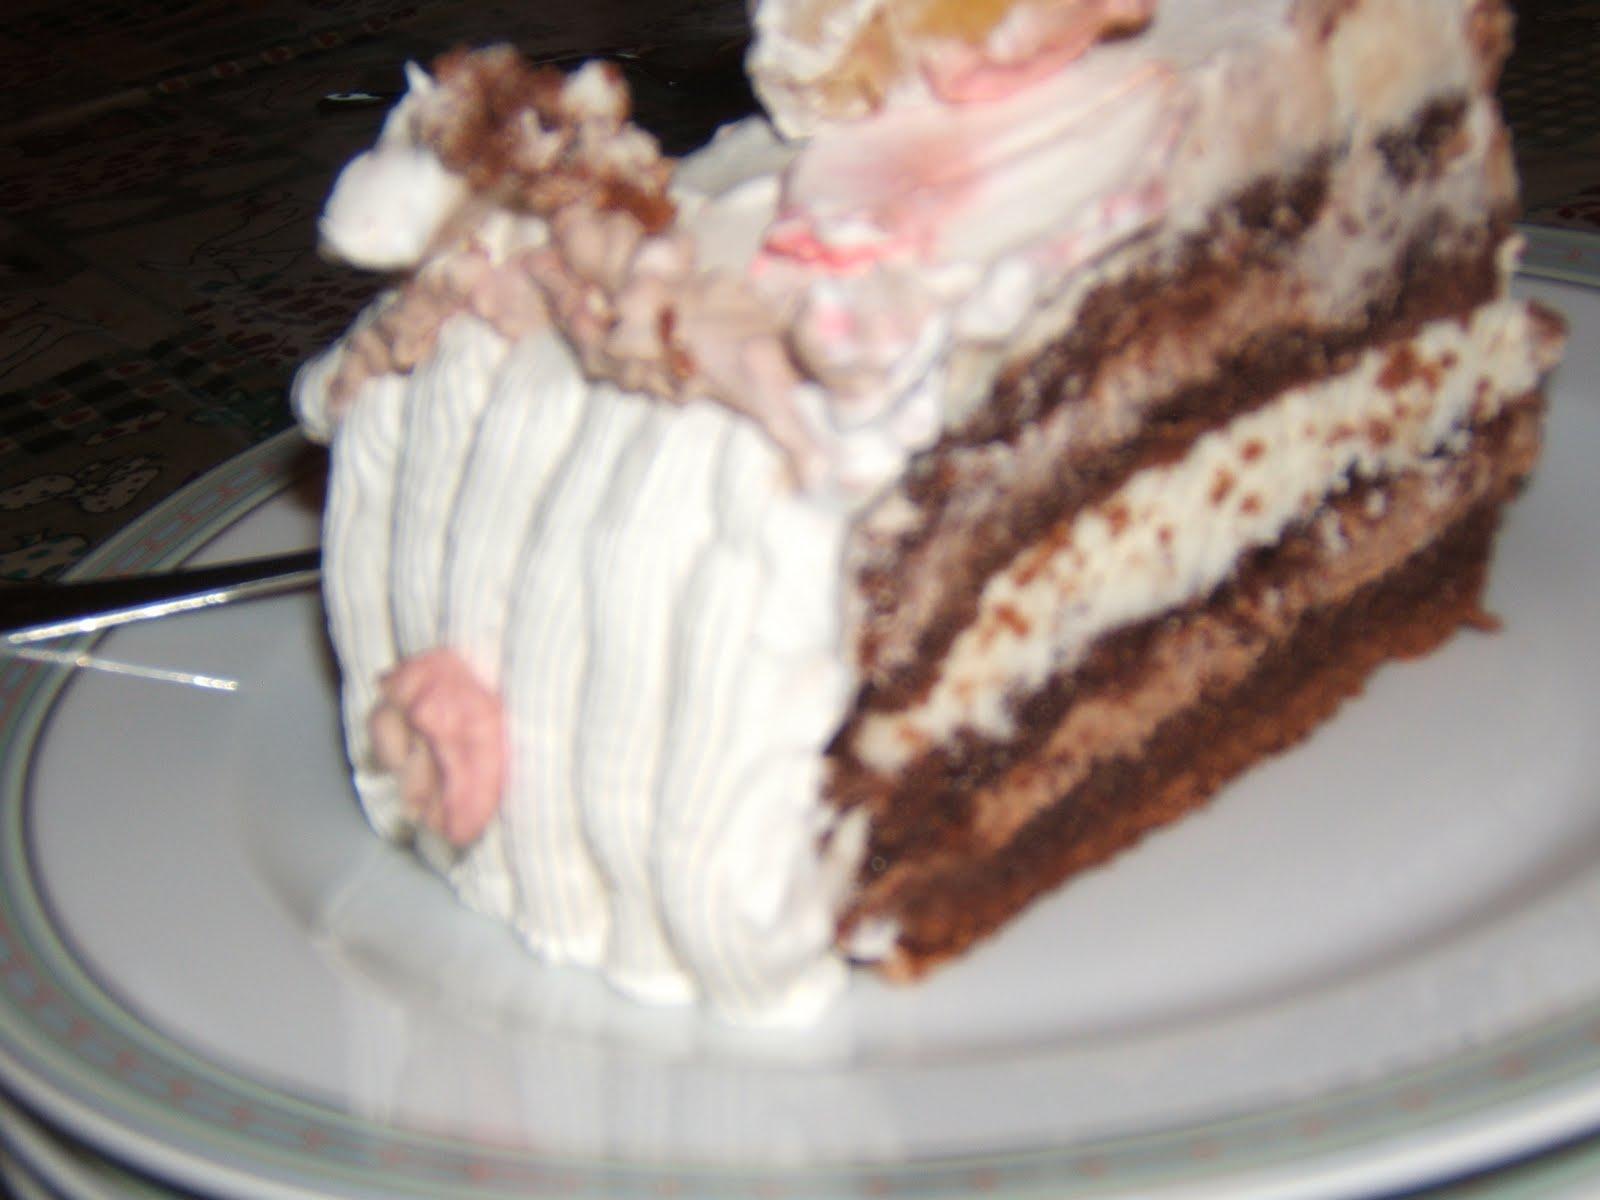 La cucina di lucy torte fatte - La cucina di sara torte ...